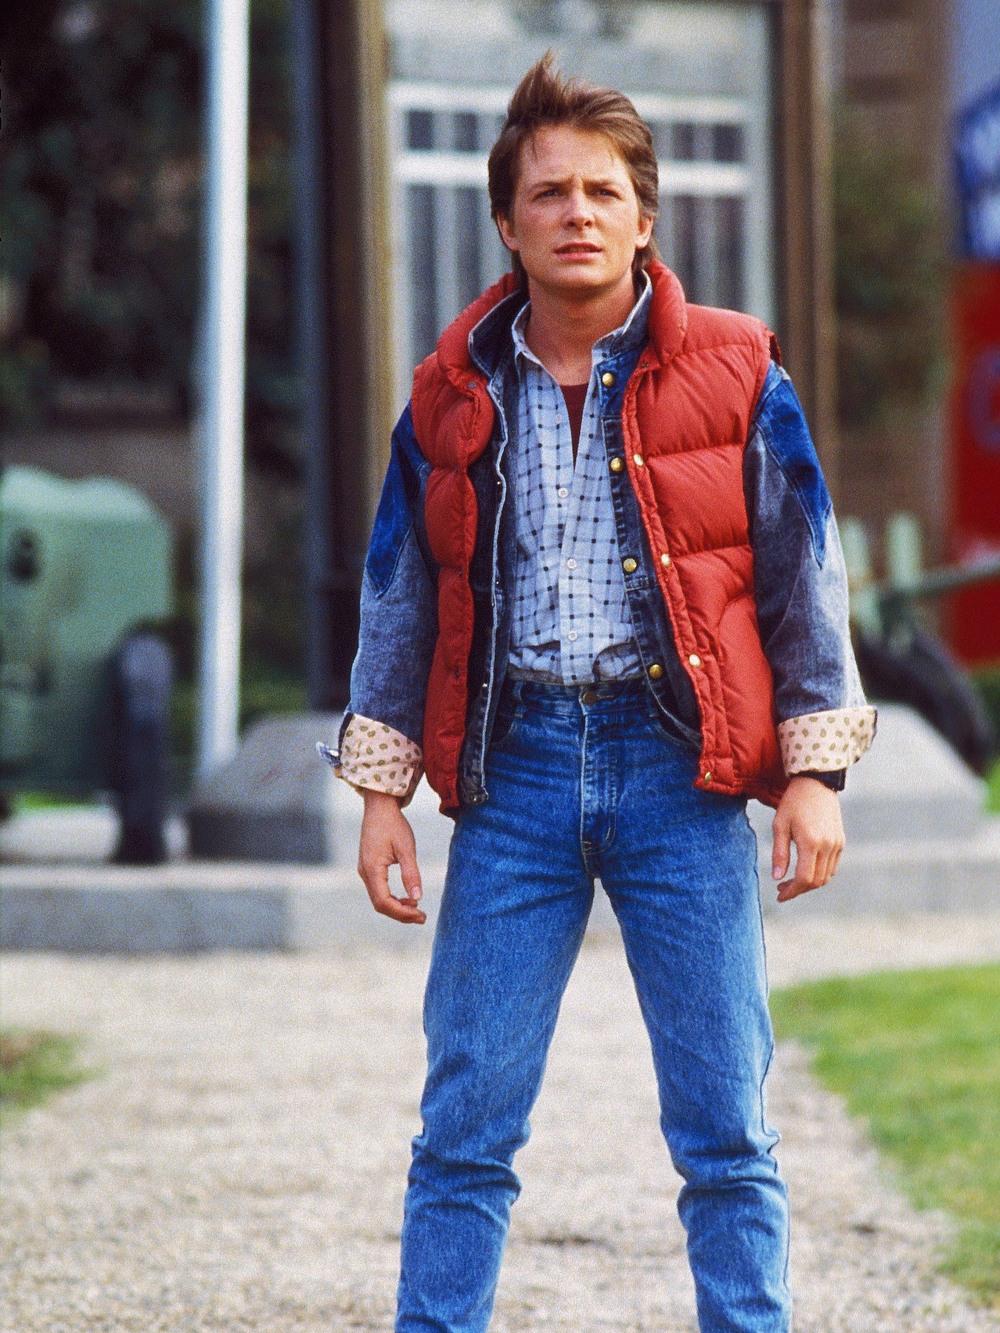 Marty McFly. Outro clássico. Não precisa nem dos tênis Nike do futuro. E importante: o colete estofado vermelho só para usar na fantasia, ok?